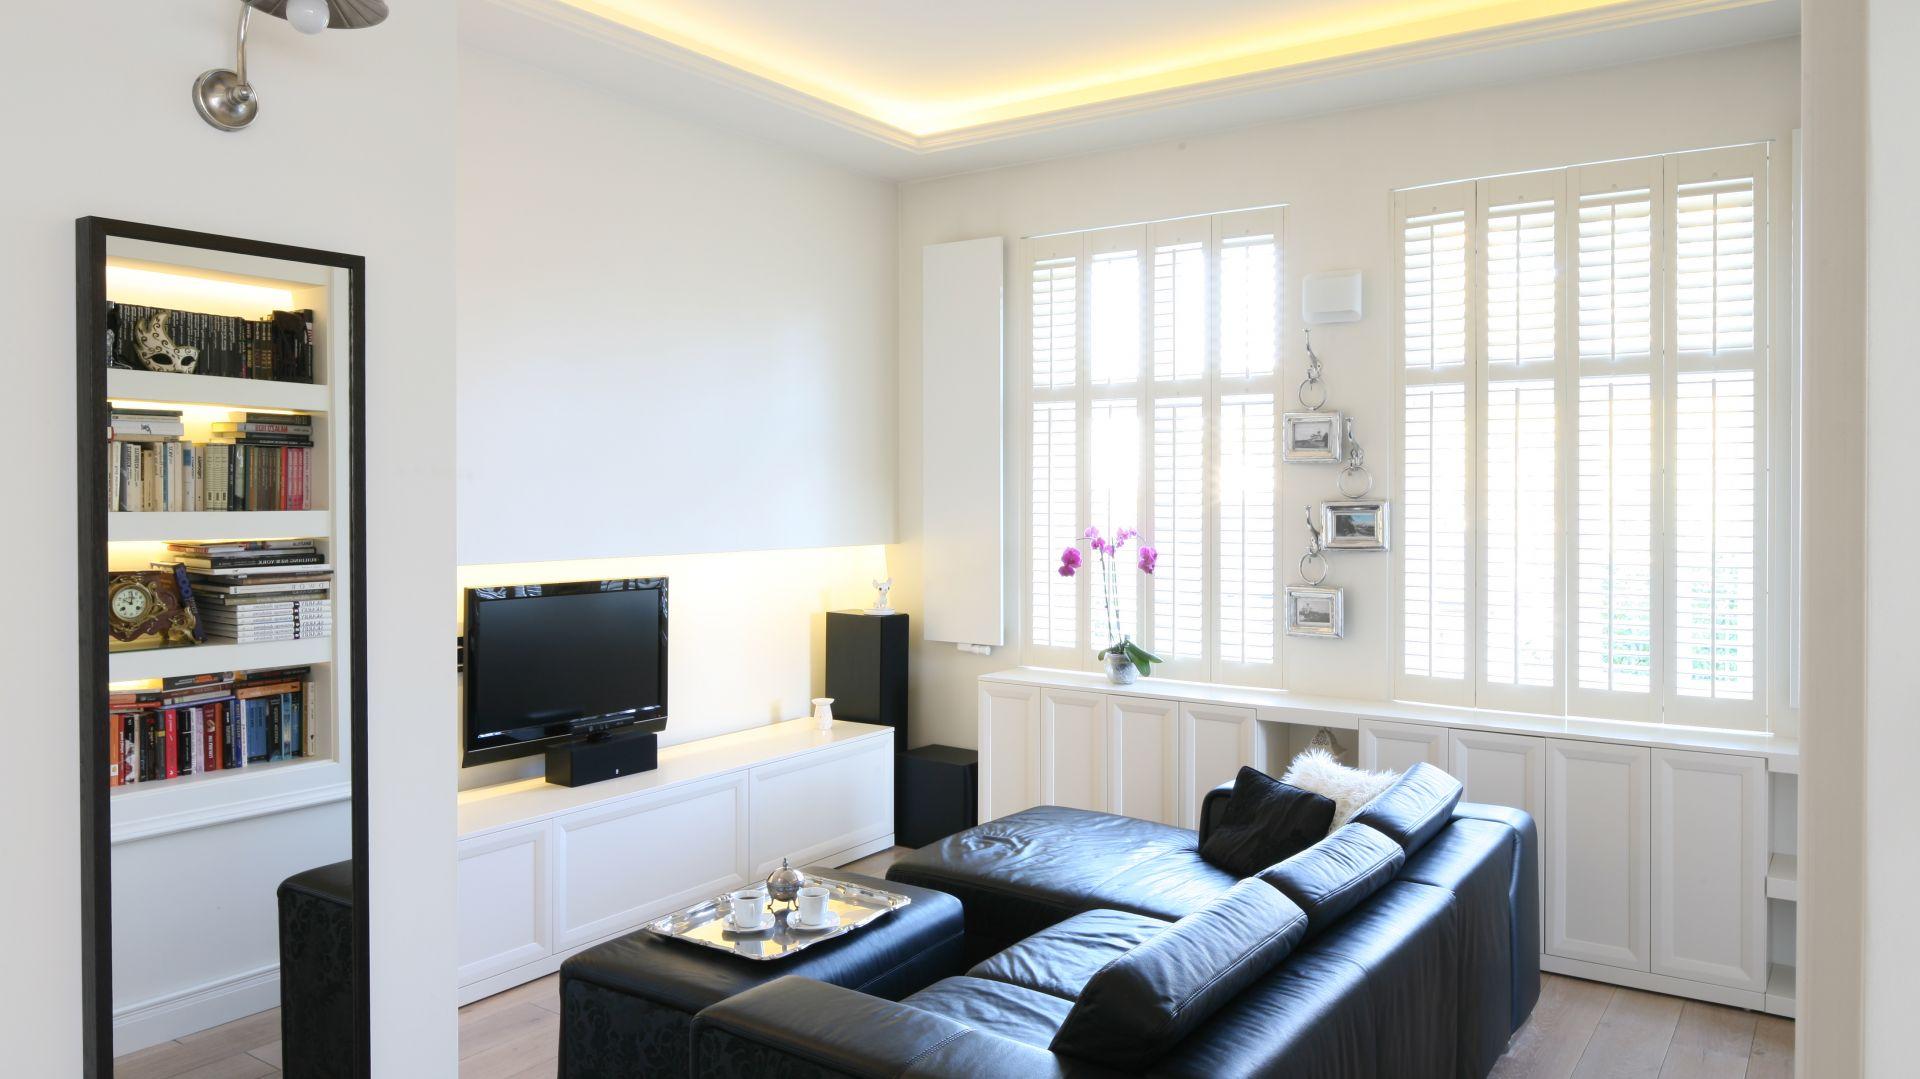 W małym salonie warto zastosować sprytne optyczne triki. Oświetlenie i lustro może powiększyć mały pokój nawet dwukrotnie! Projekt: Małgorzata Galewska Fot. Bartosz Jarosz